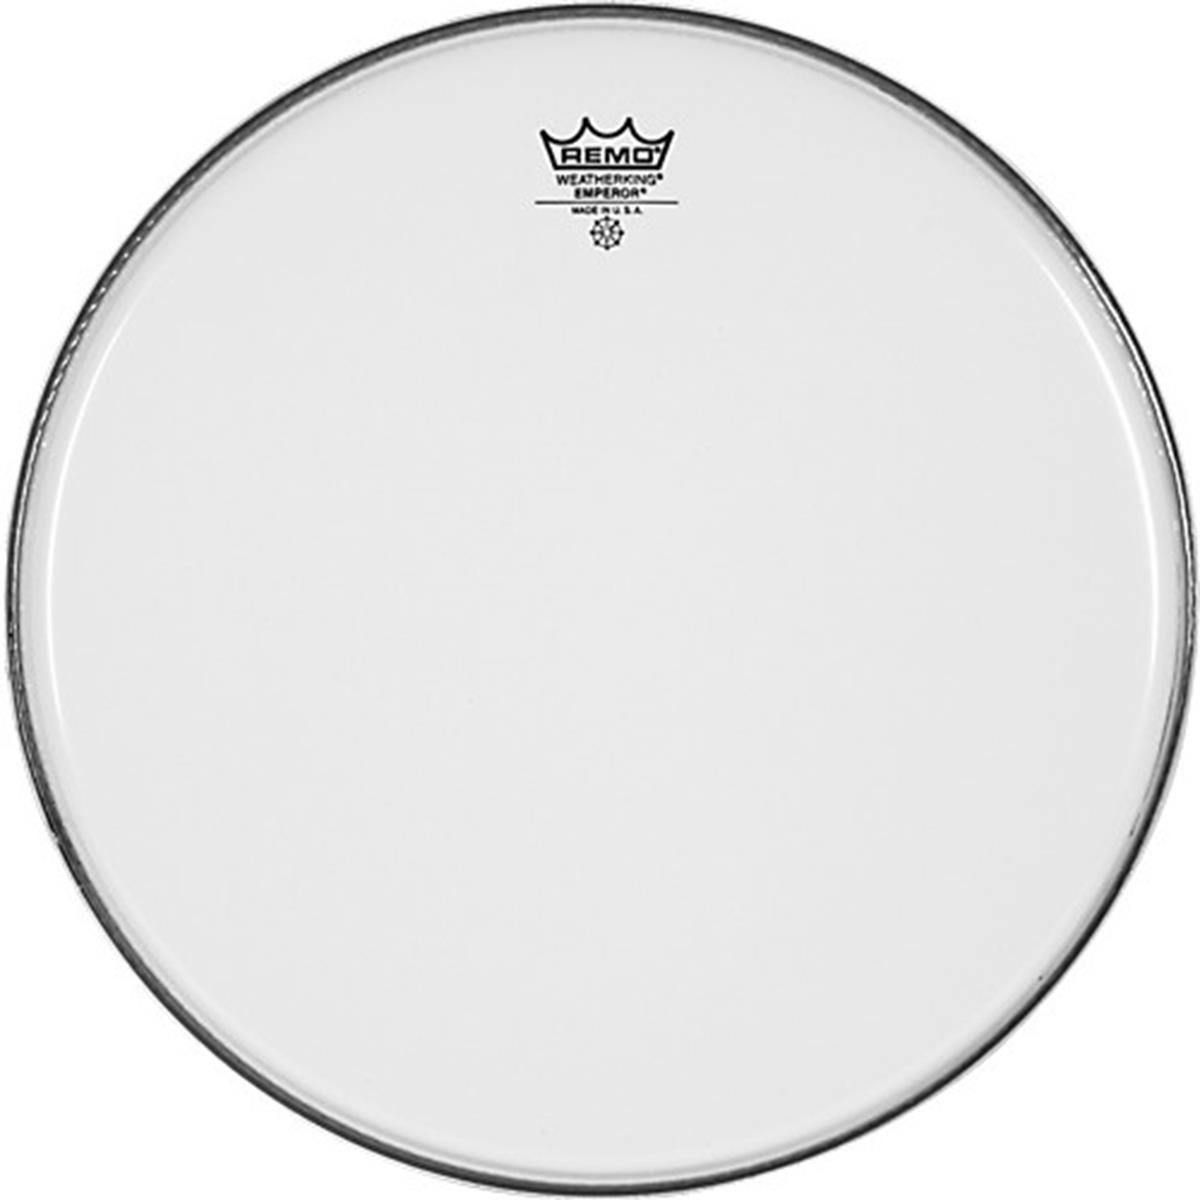 REMO EMPEROR SMOOTH WHITE 10 - Batterie / Percussioni Accessori - Pelli e Cerchi